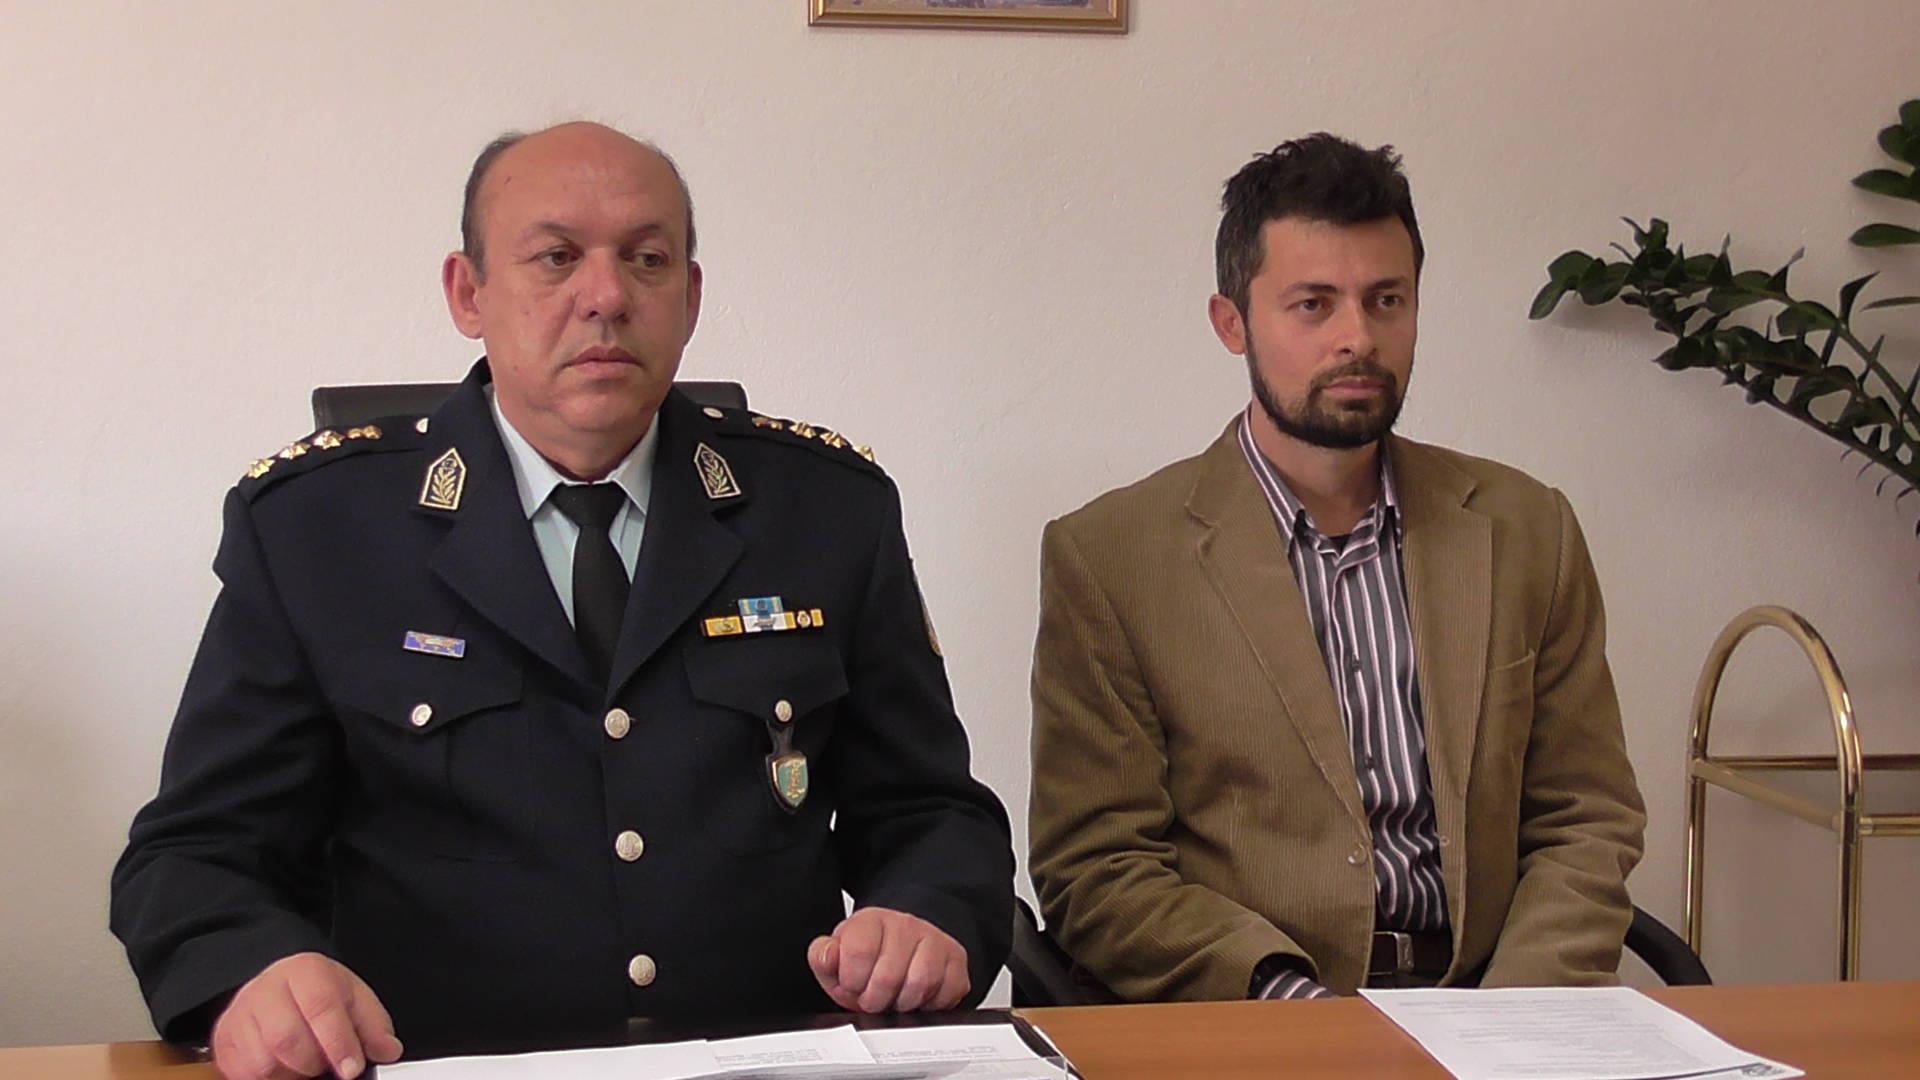 Αστυνομία Γρεβενών: Σύλληψη 58χρονου ημεδαπού για κατοχή όπλων και αρχαίων αντικειμένων